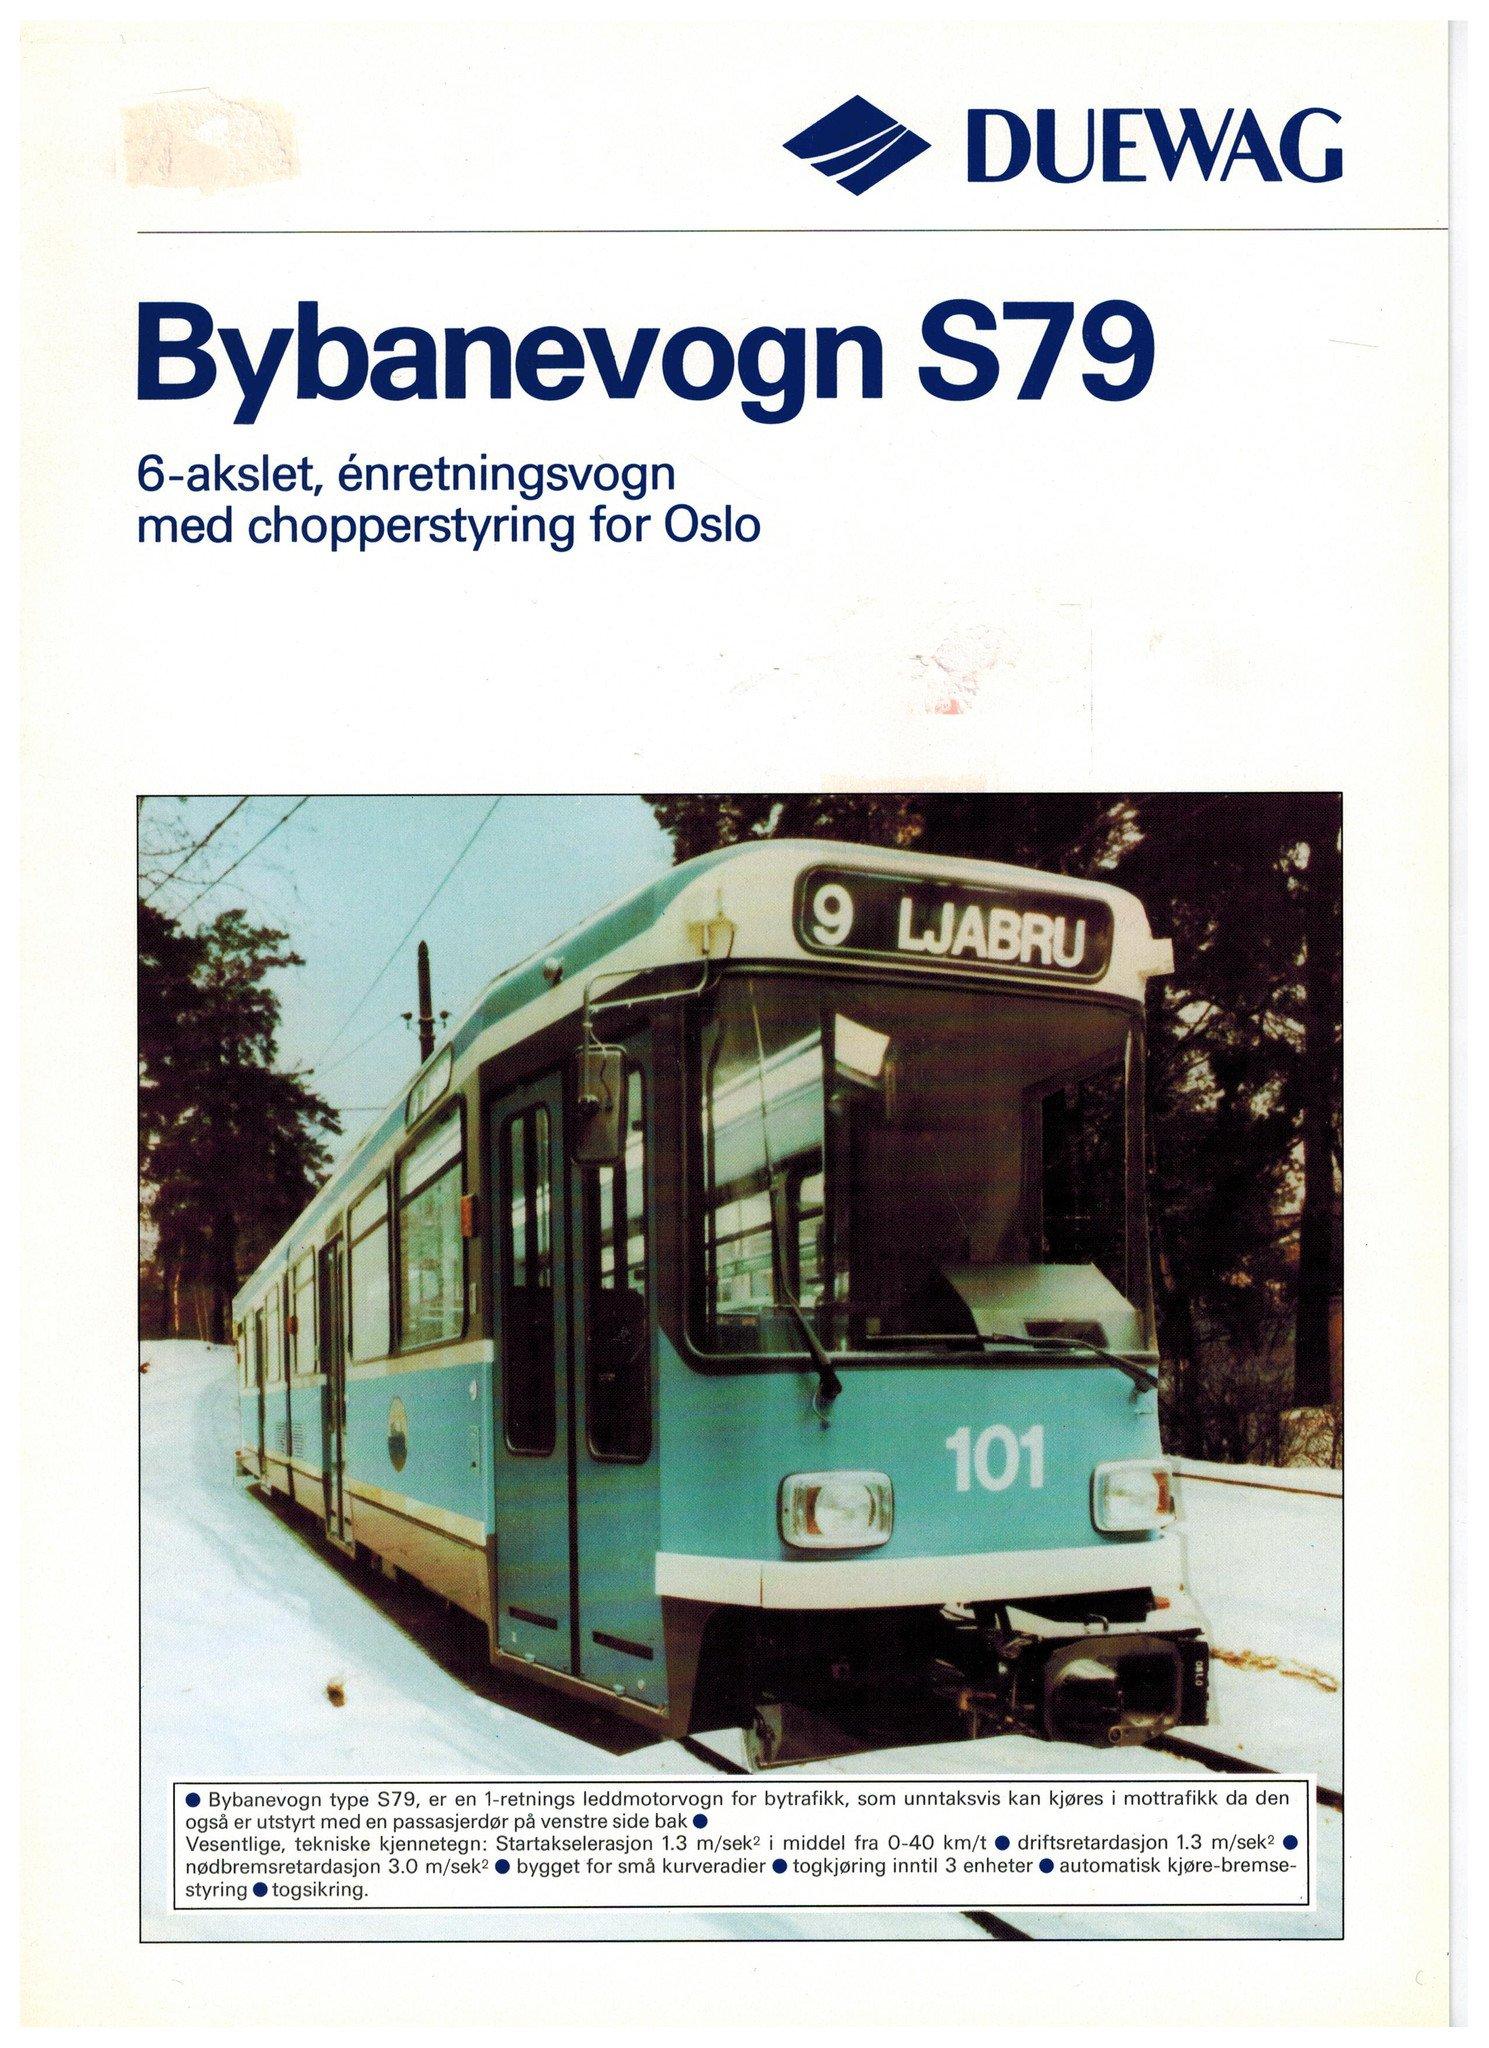 Bybanevogn S79